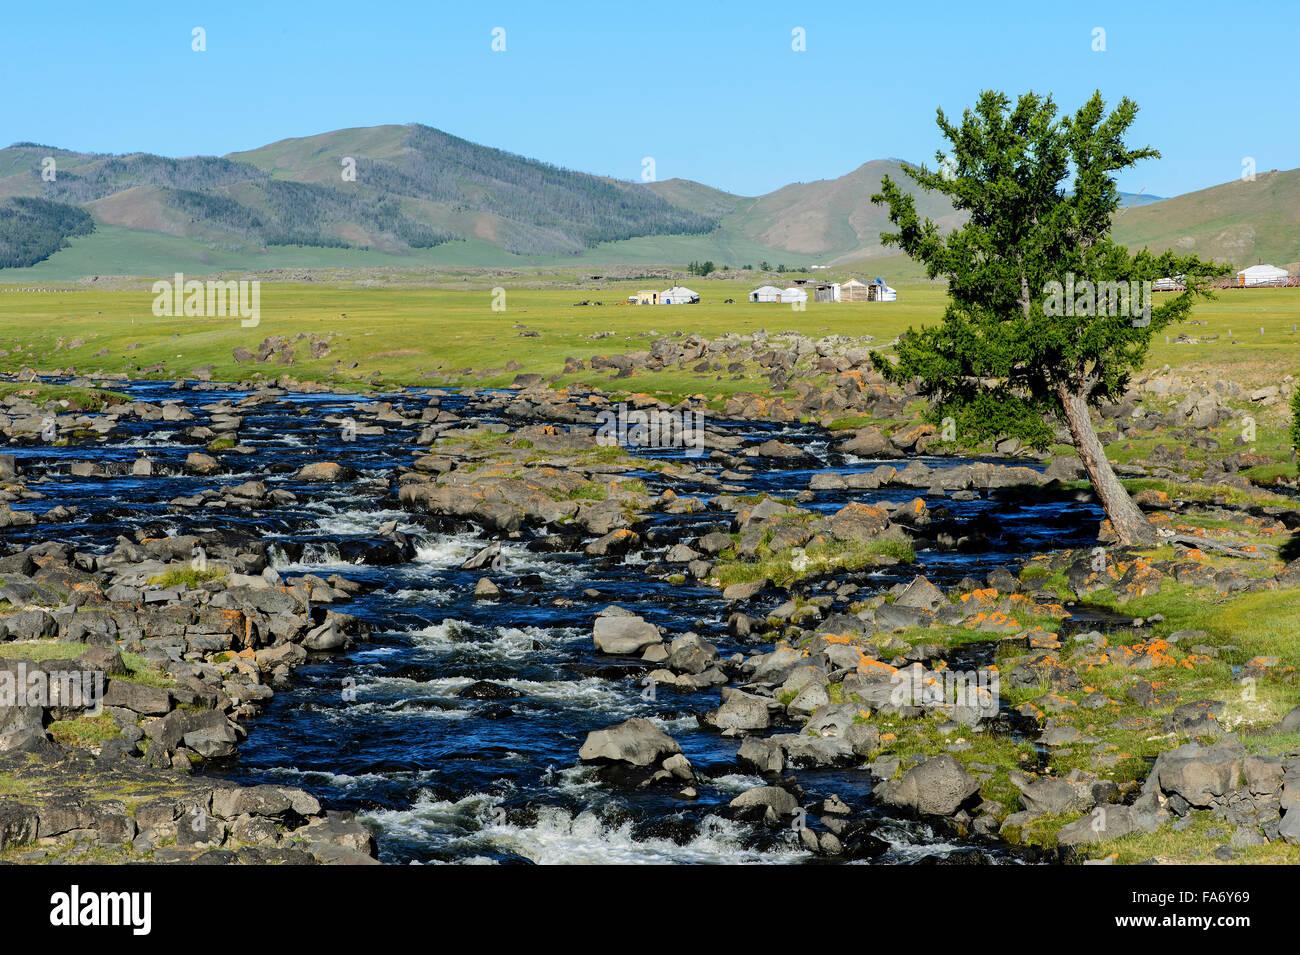 Oulan Gol rivière juste en face de sa confluence avec la rivière Orkhon juste en face de la cascade (chute Photo Stock